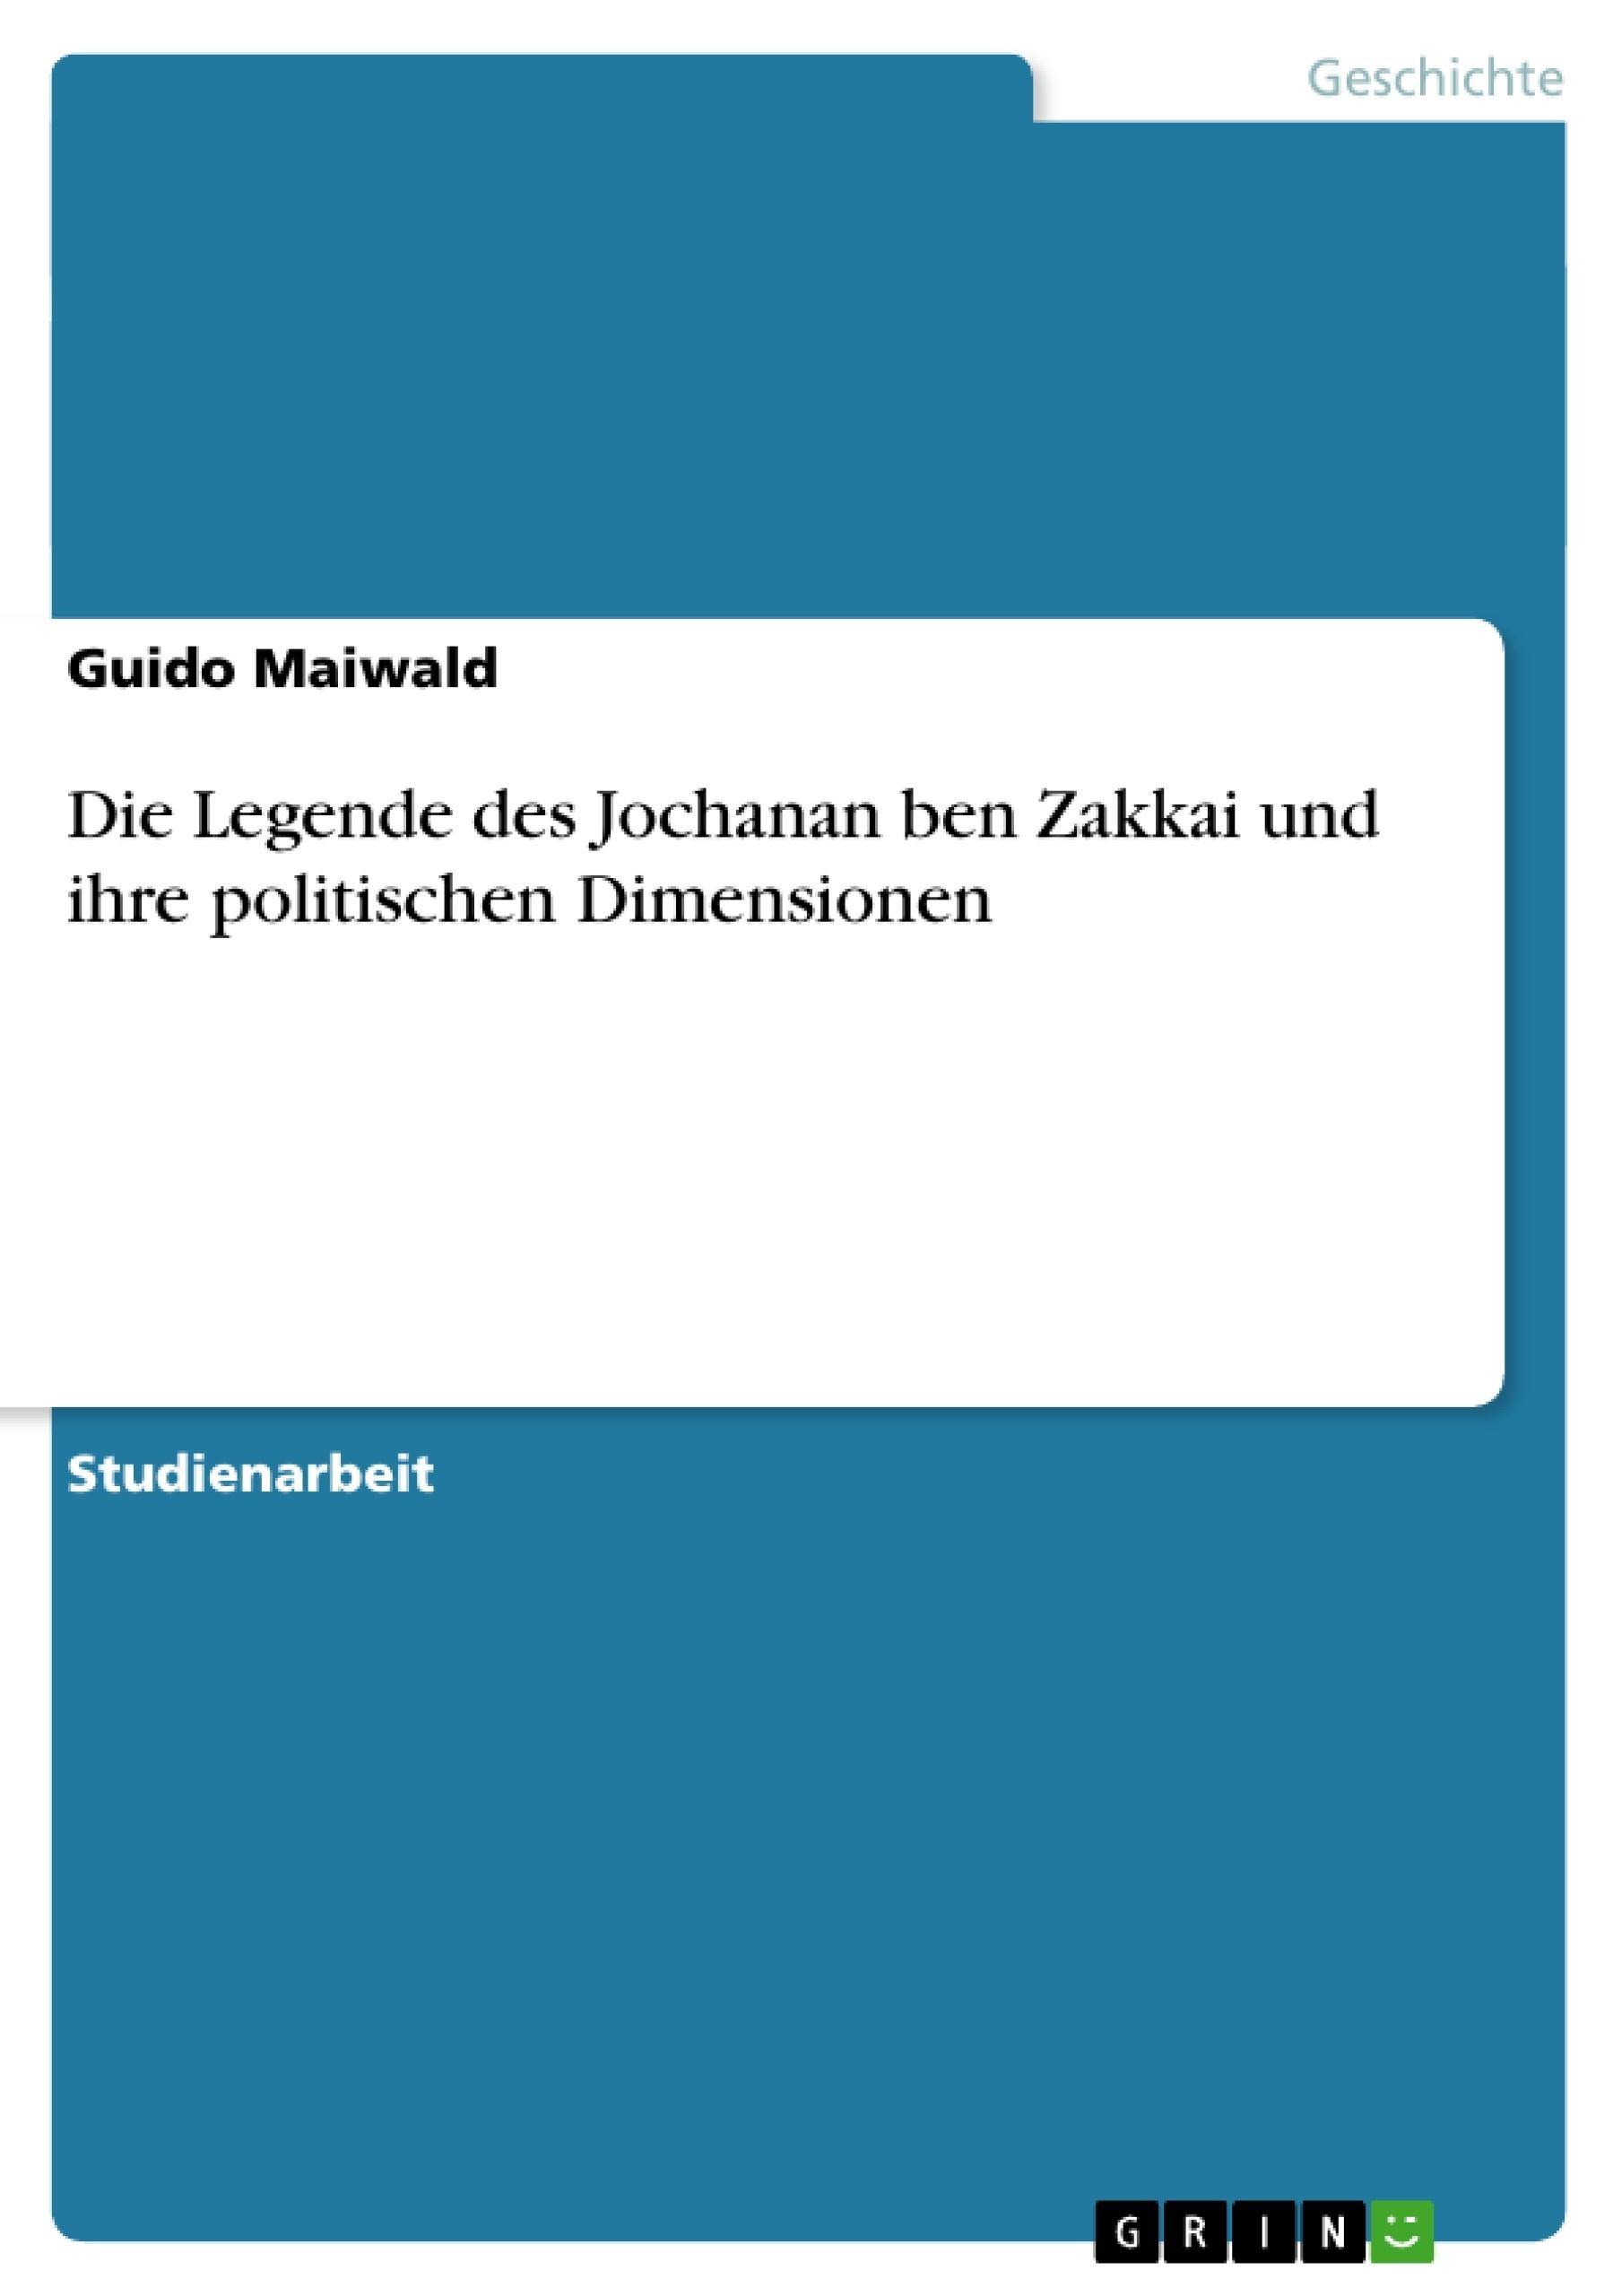 Titel: Die Legende des Jochanan ben Zakkai und ihre politischen Dimensionen